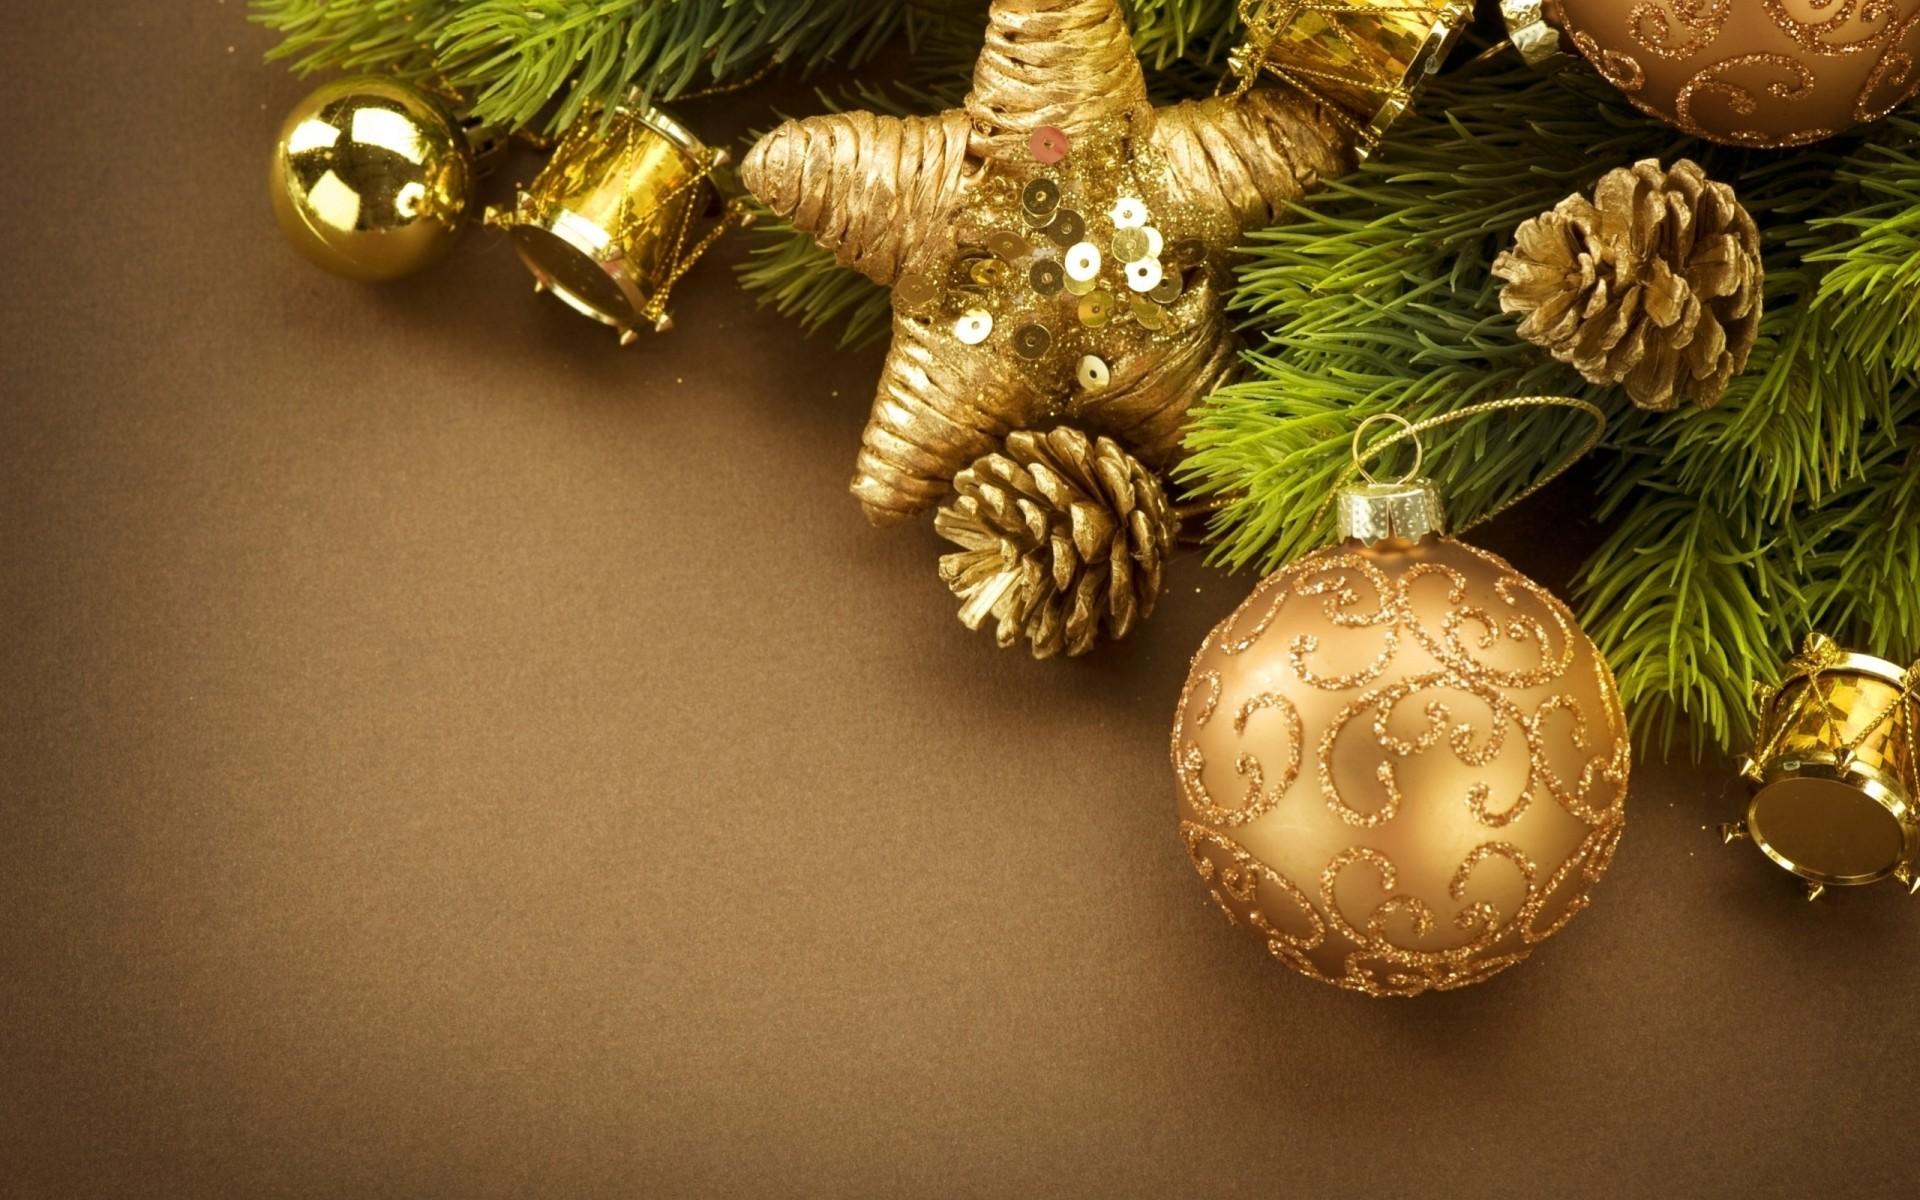 Лучшие обои для рабочего стола на новогоднюю тематику (3)